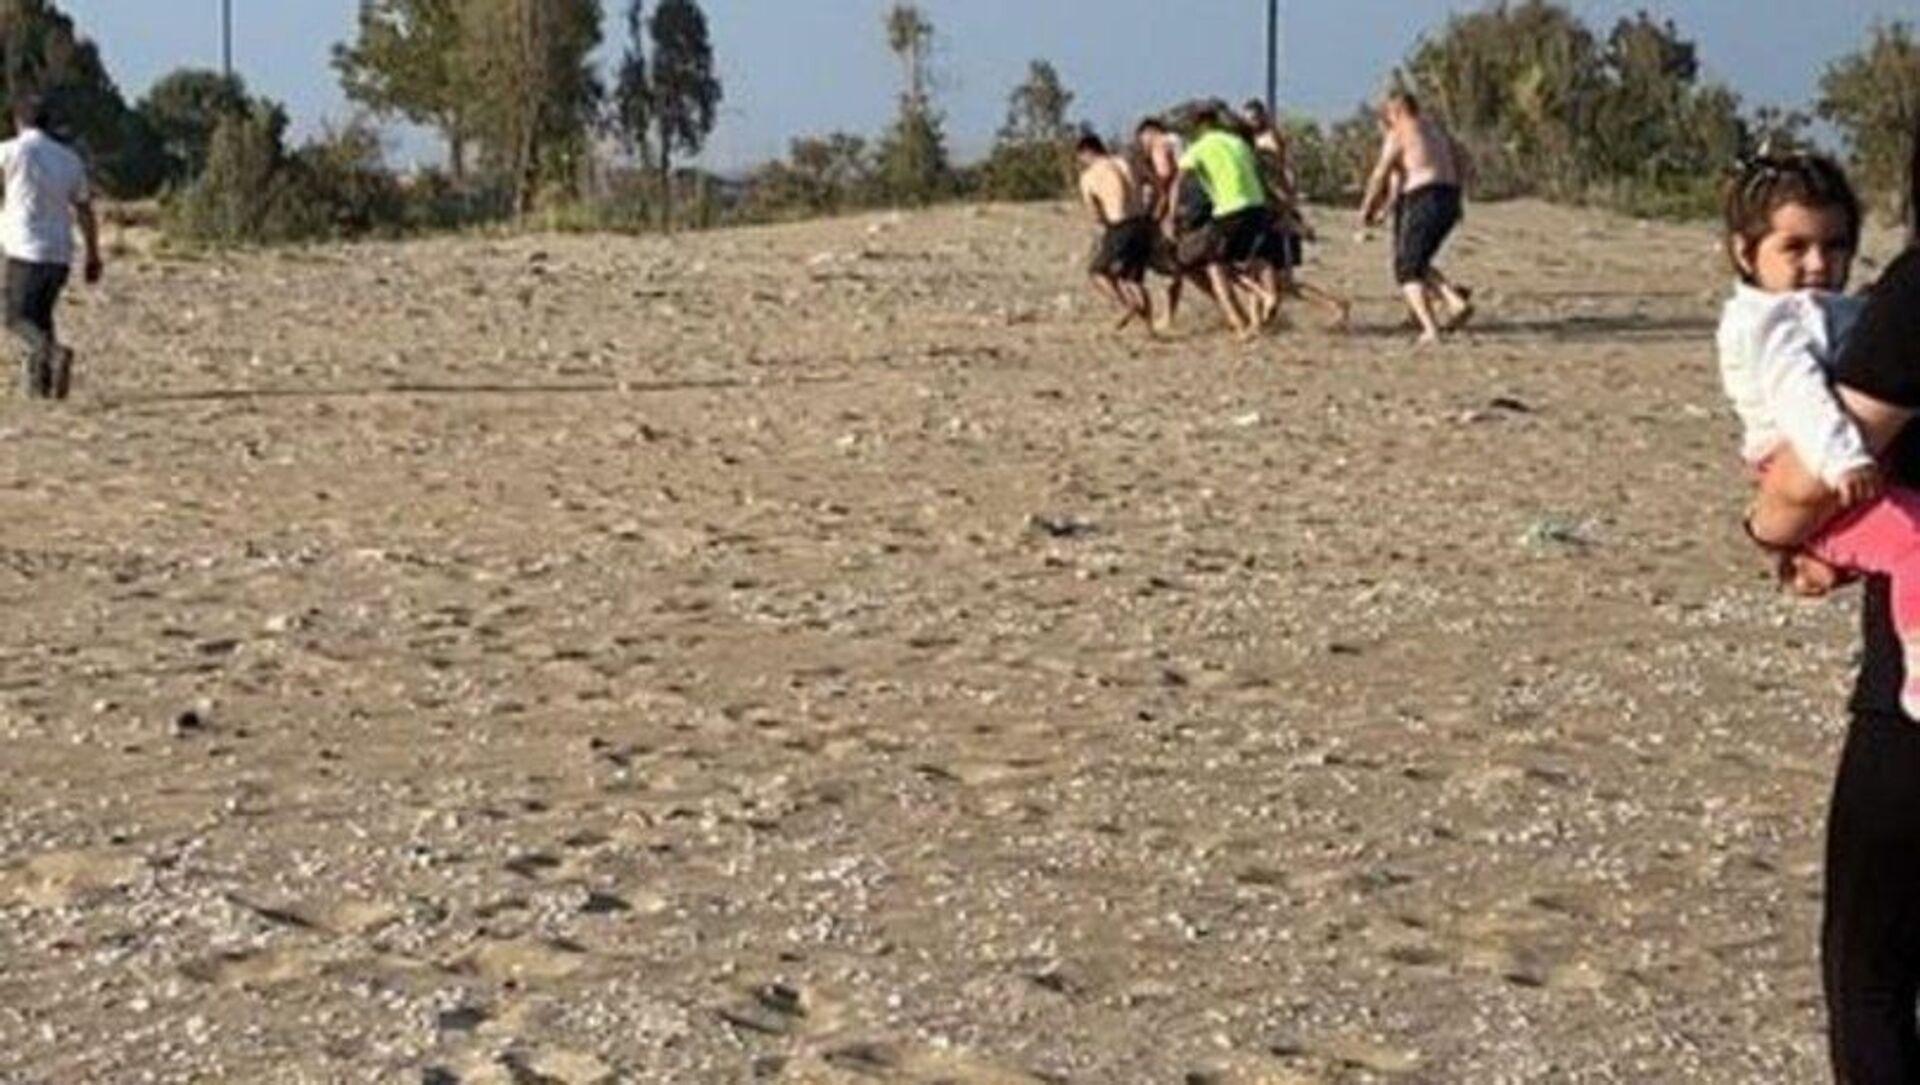 Hatay'ın Erzin ilçesinde denizde boğulma tehlikesi geçiren 2 kişiyi kurtarmak isteyen Mustafa Atmaca (19) akıntıyla sürüklenerek boğuldu. Boğulma tehlikesi geçiren 2 kişi ise çevredekiler tarafından kurtarıldı. - Sputnik Türkiye, 1920, 20.06.2021